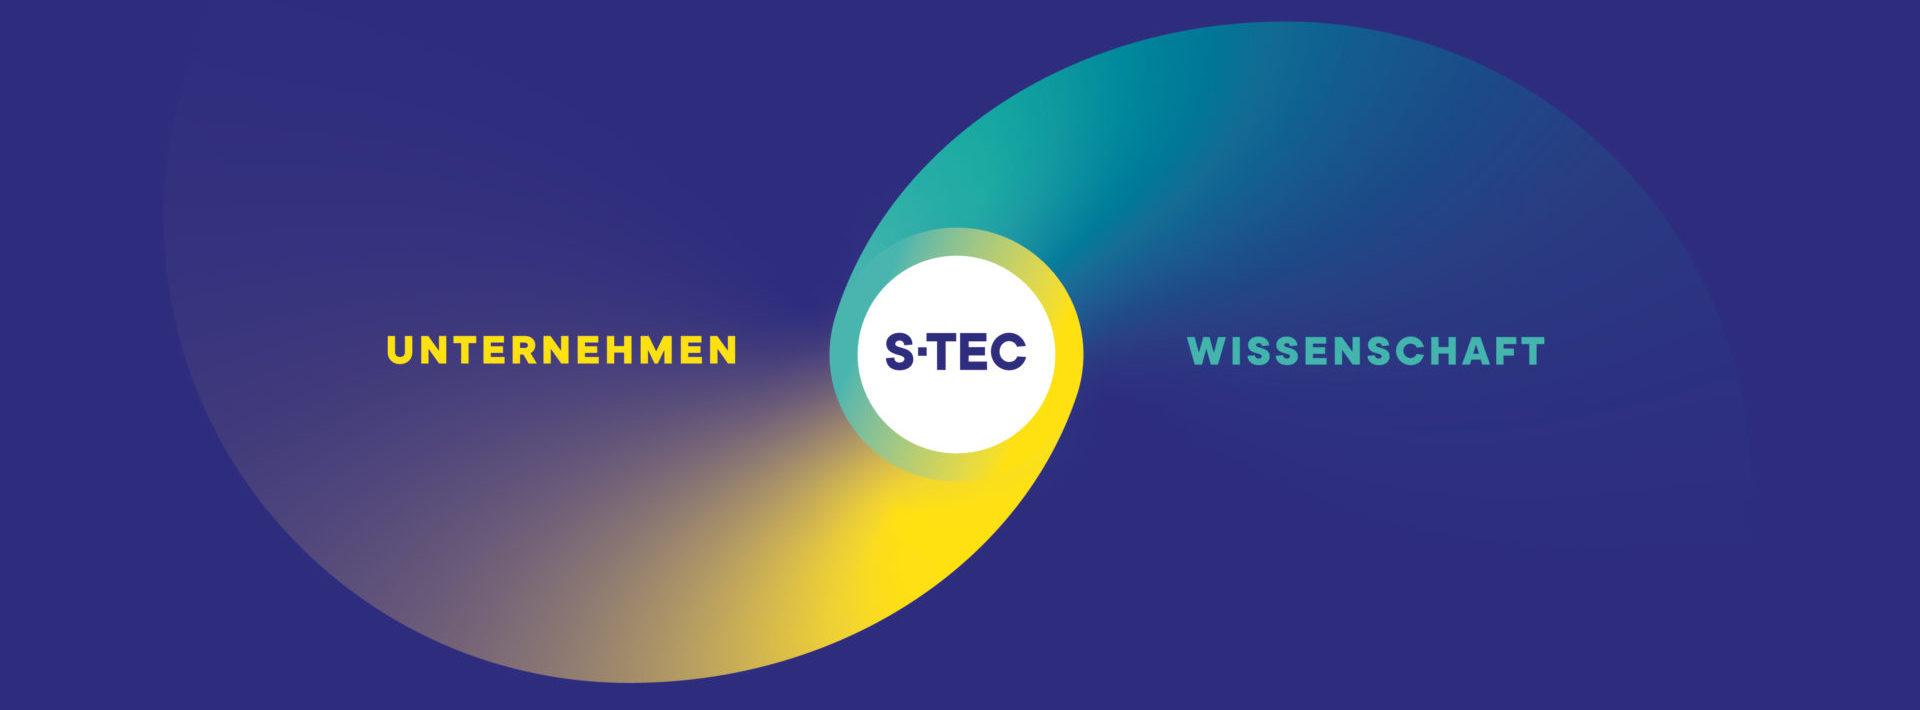 Der Stuttgarter Technologie- und Innovationscampus vernetzt Unternehmen und Wissenschaft.